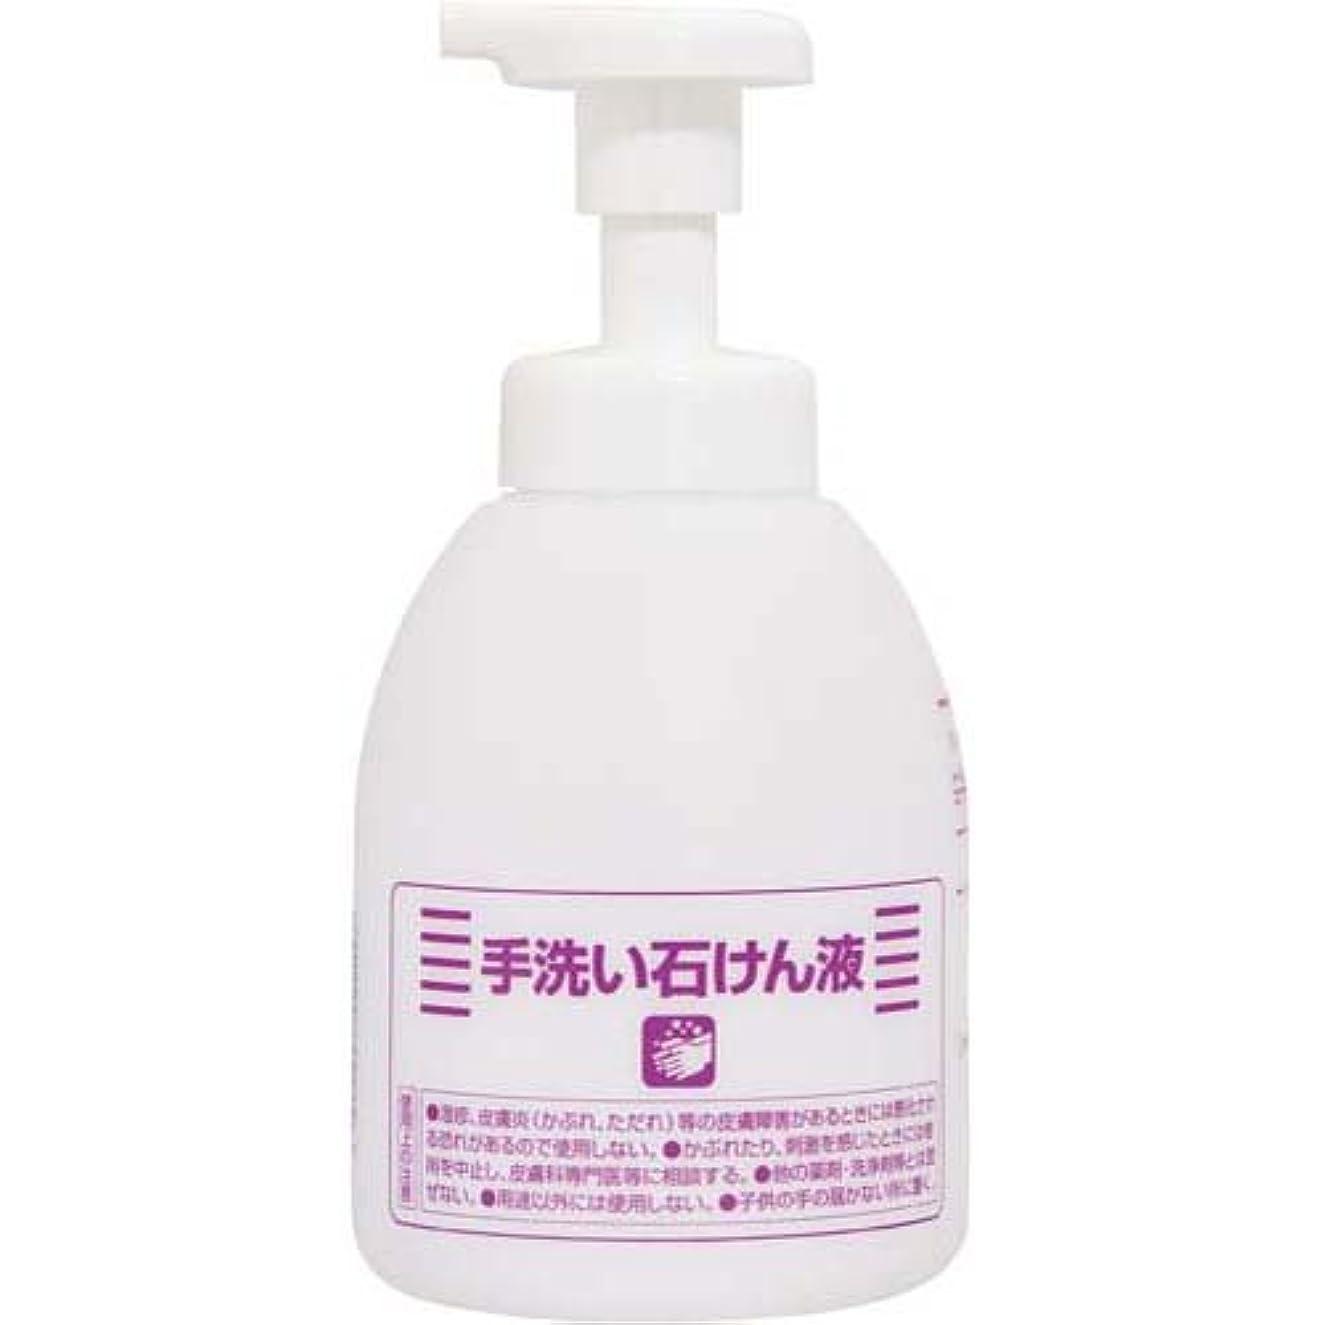 ニイタカ 薬用ハンドソープ 専用空ボトル500ml×6本